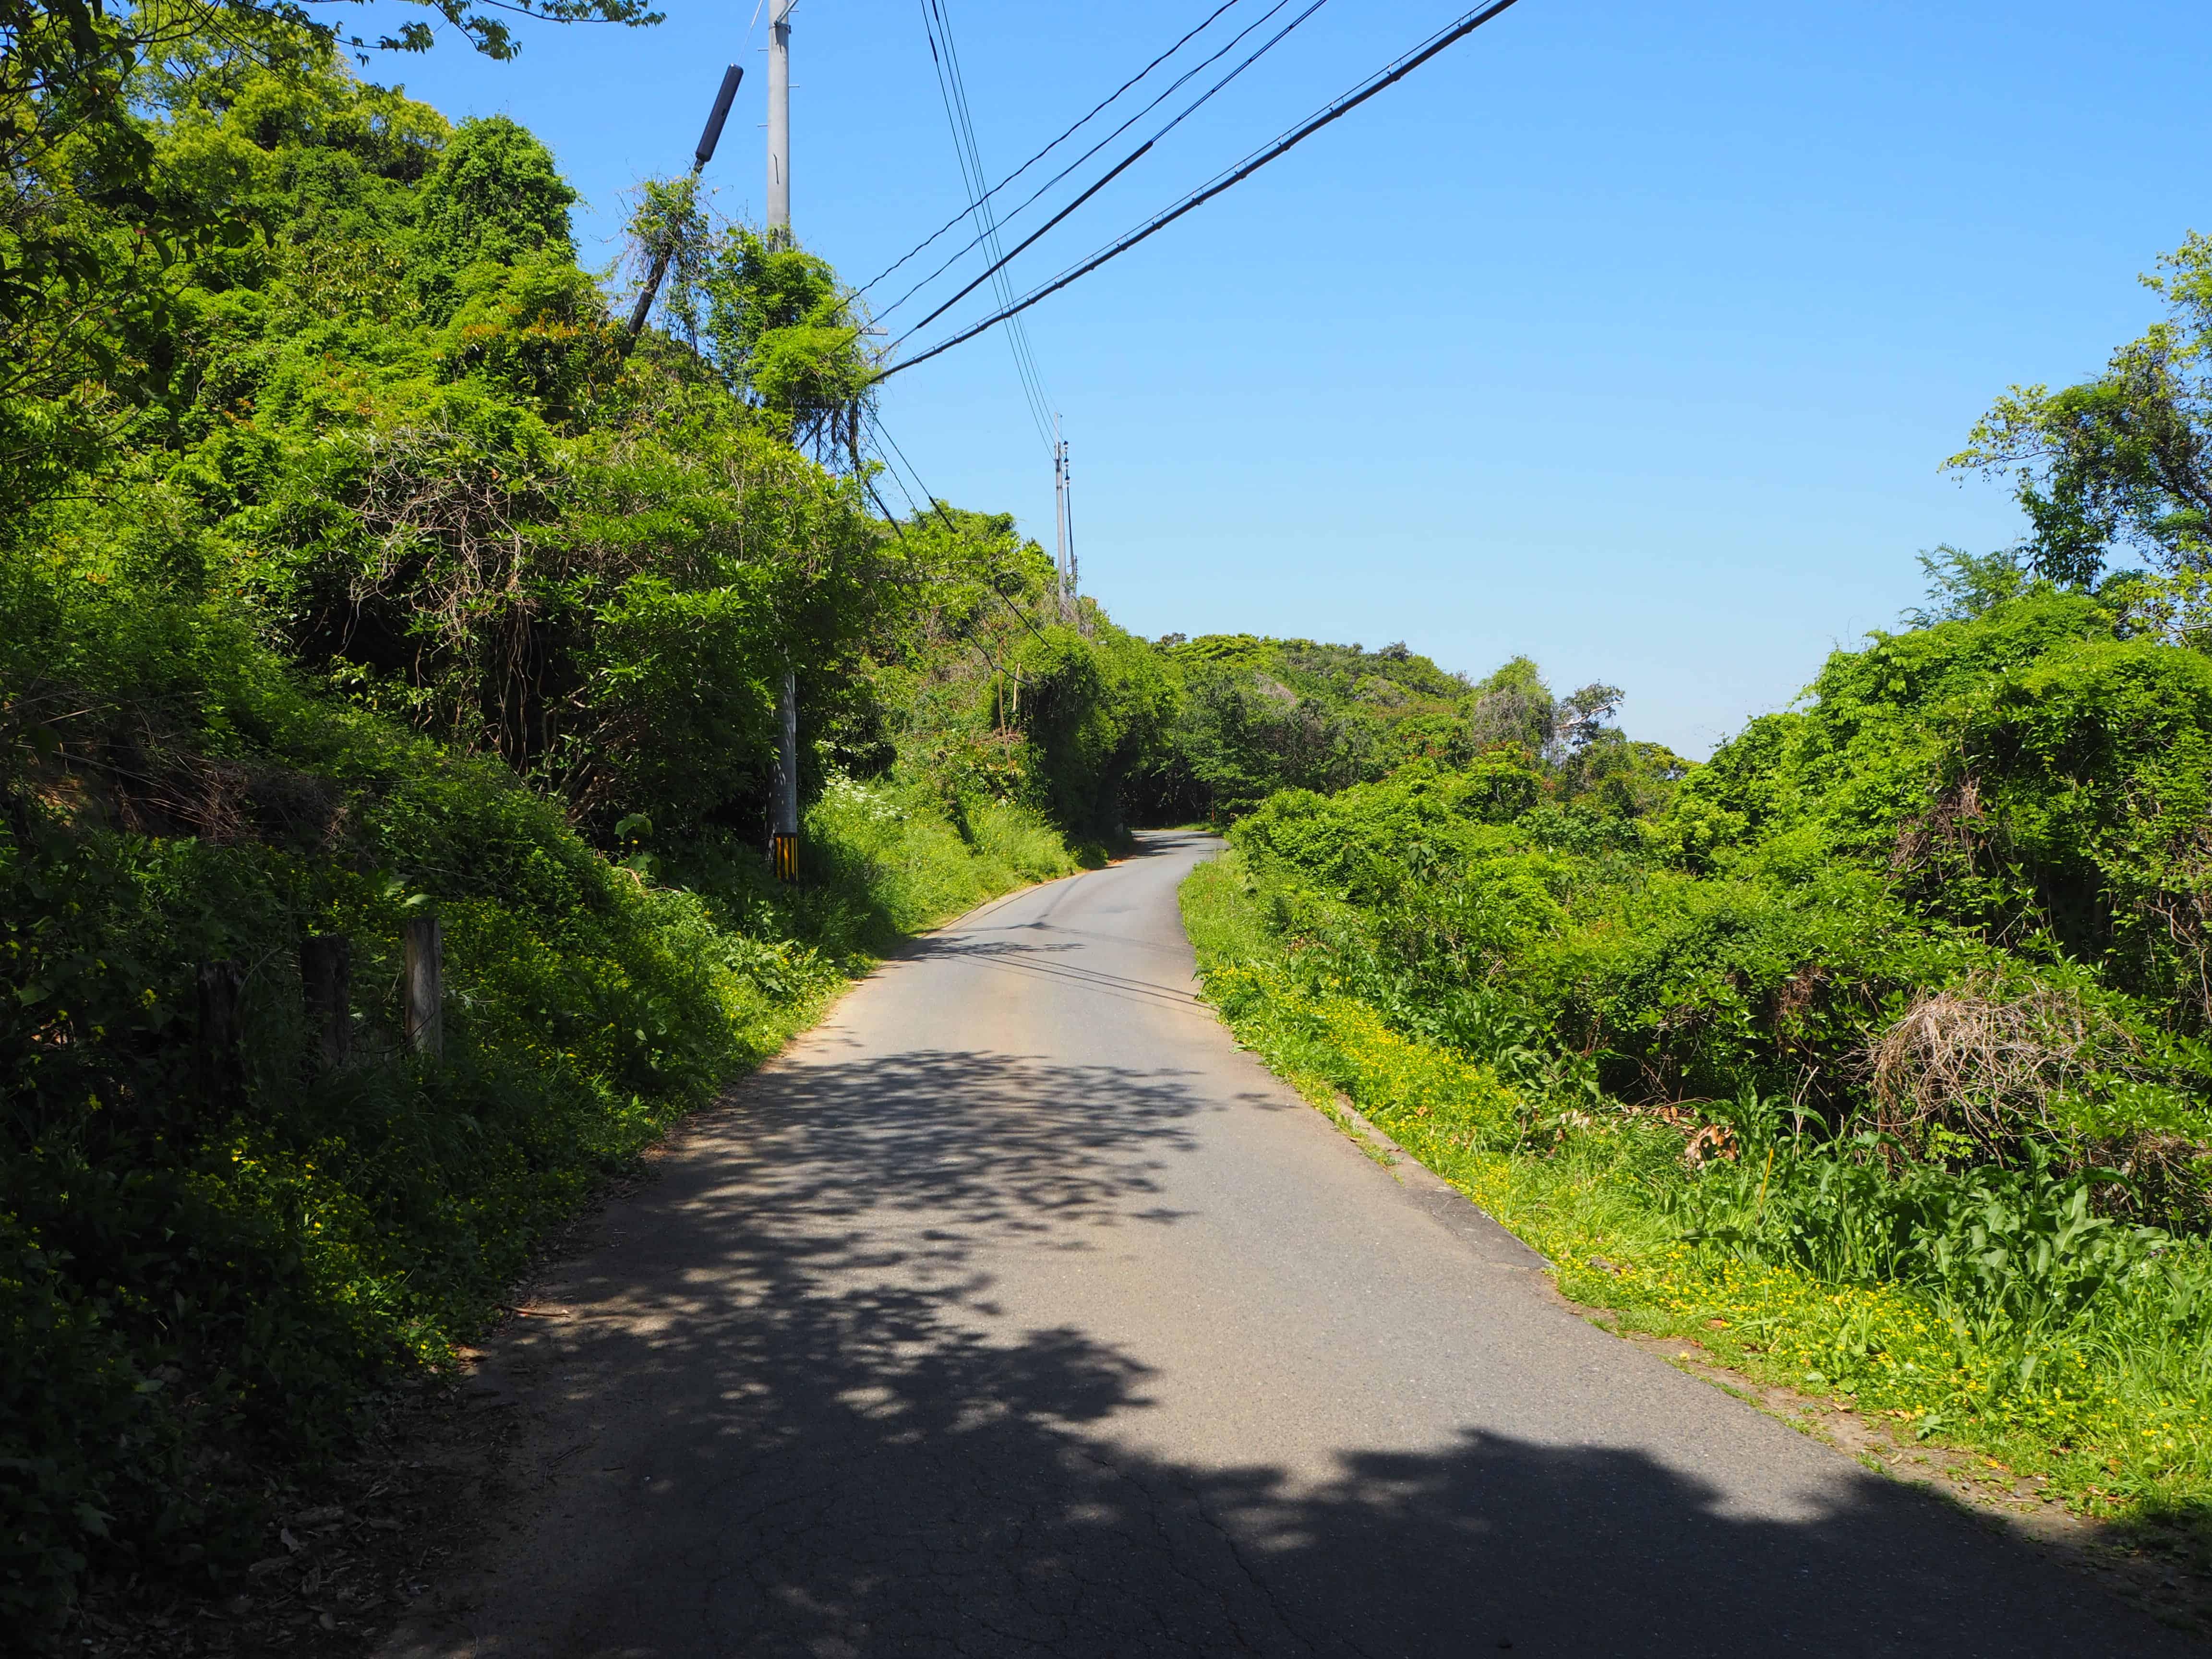 petite route typique de l'île